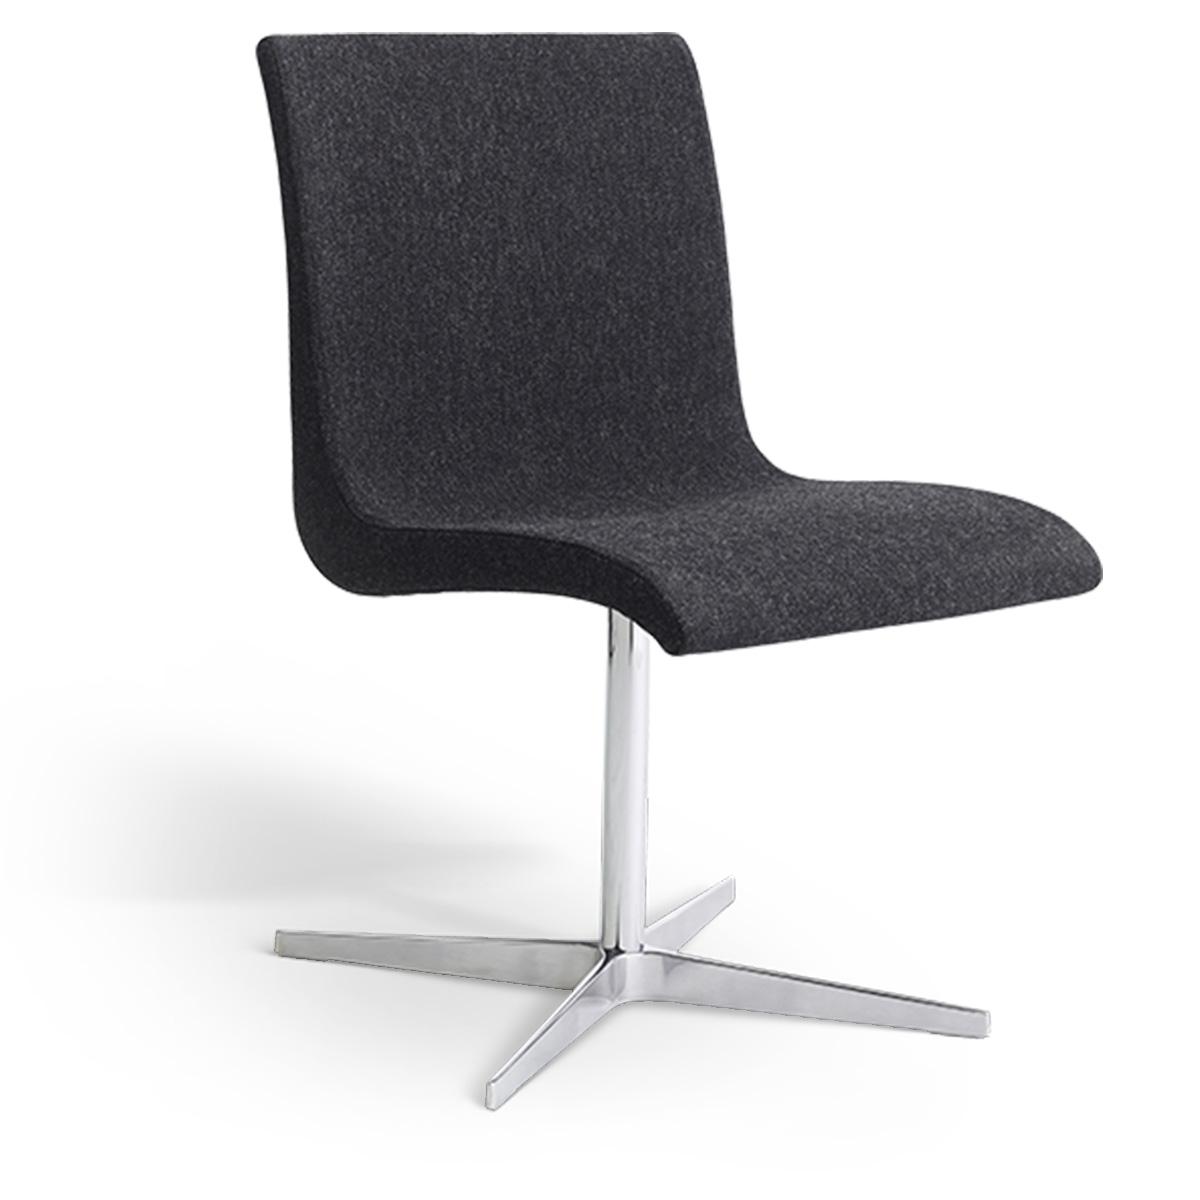 Erik Bagger stol - Curves Chair Two - Krom/mørkegrå